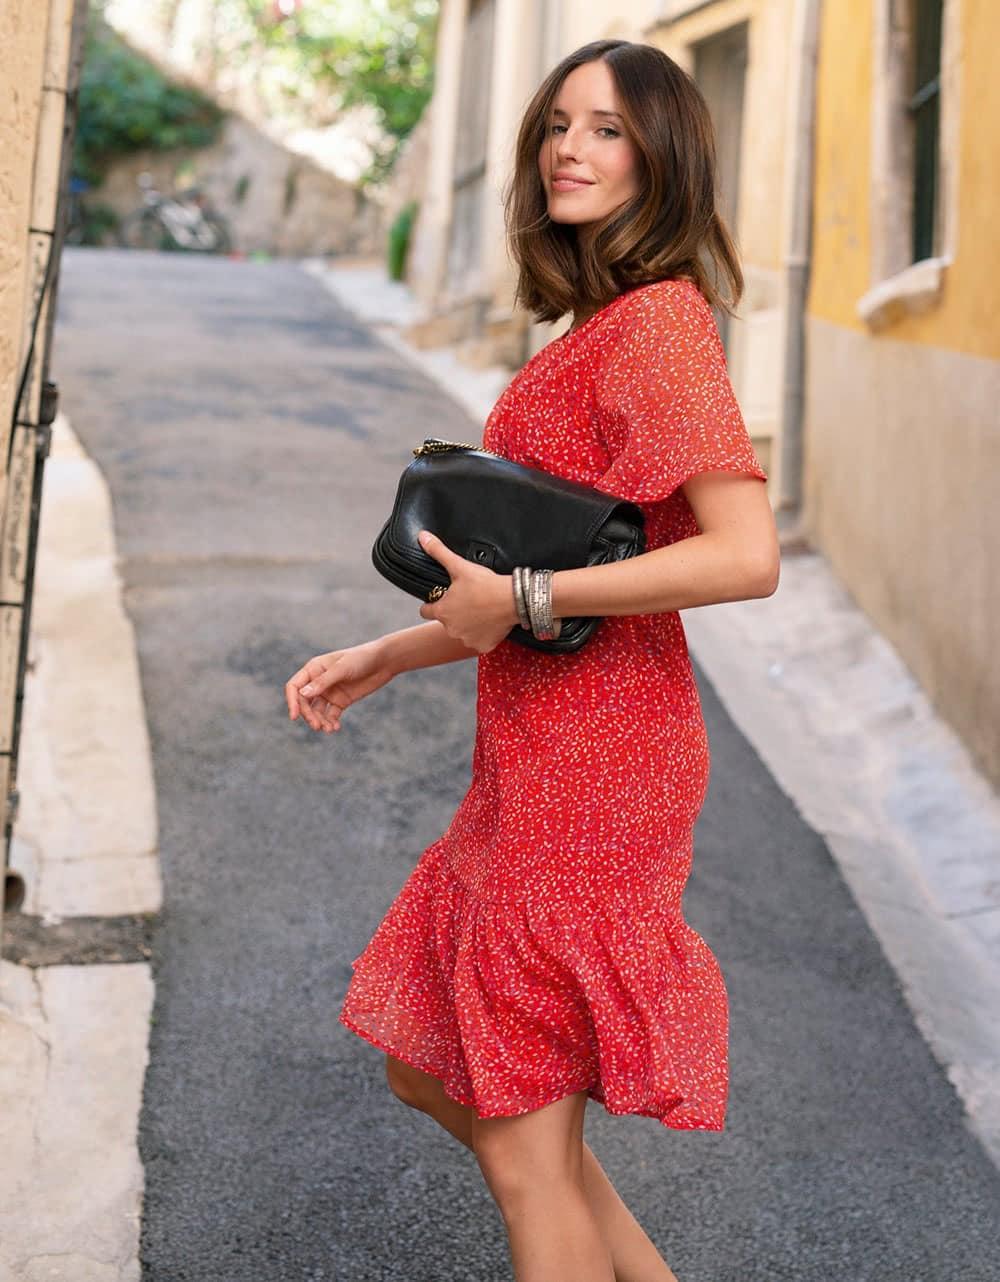 robe elegante voile rouge christina laure - Pour les beaux jours, soyez belle et chic avec une robe Christine Laure !